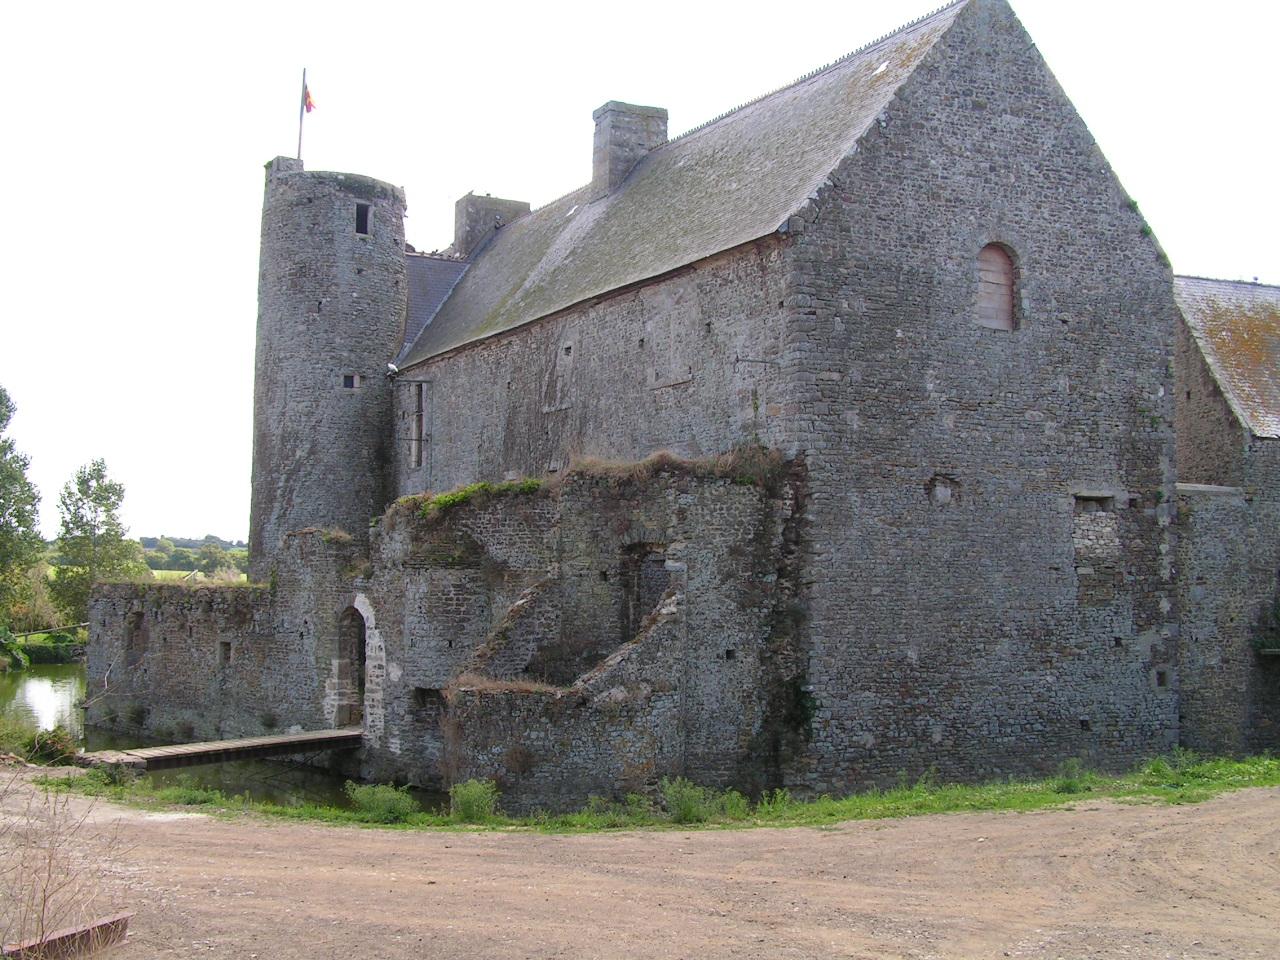 Façade fortifiée du logis, vue depuis une ancienne voie d'accés.